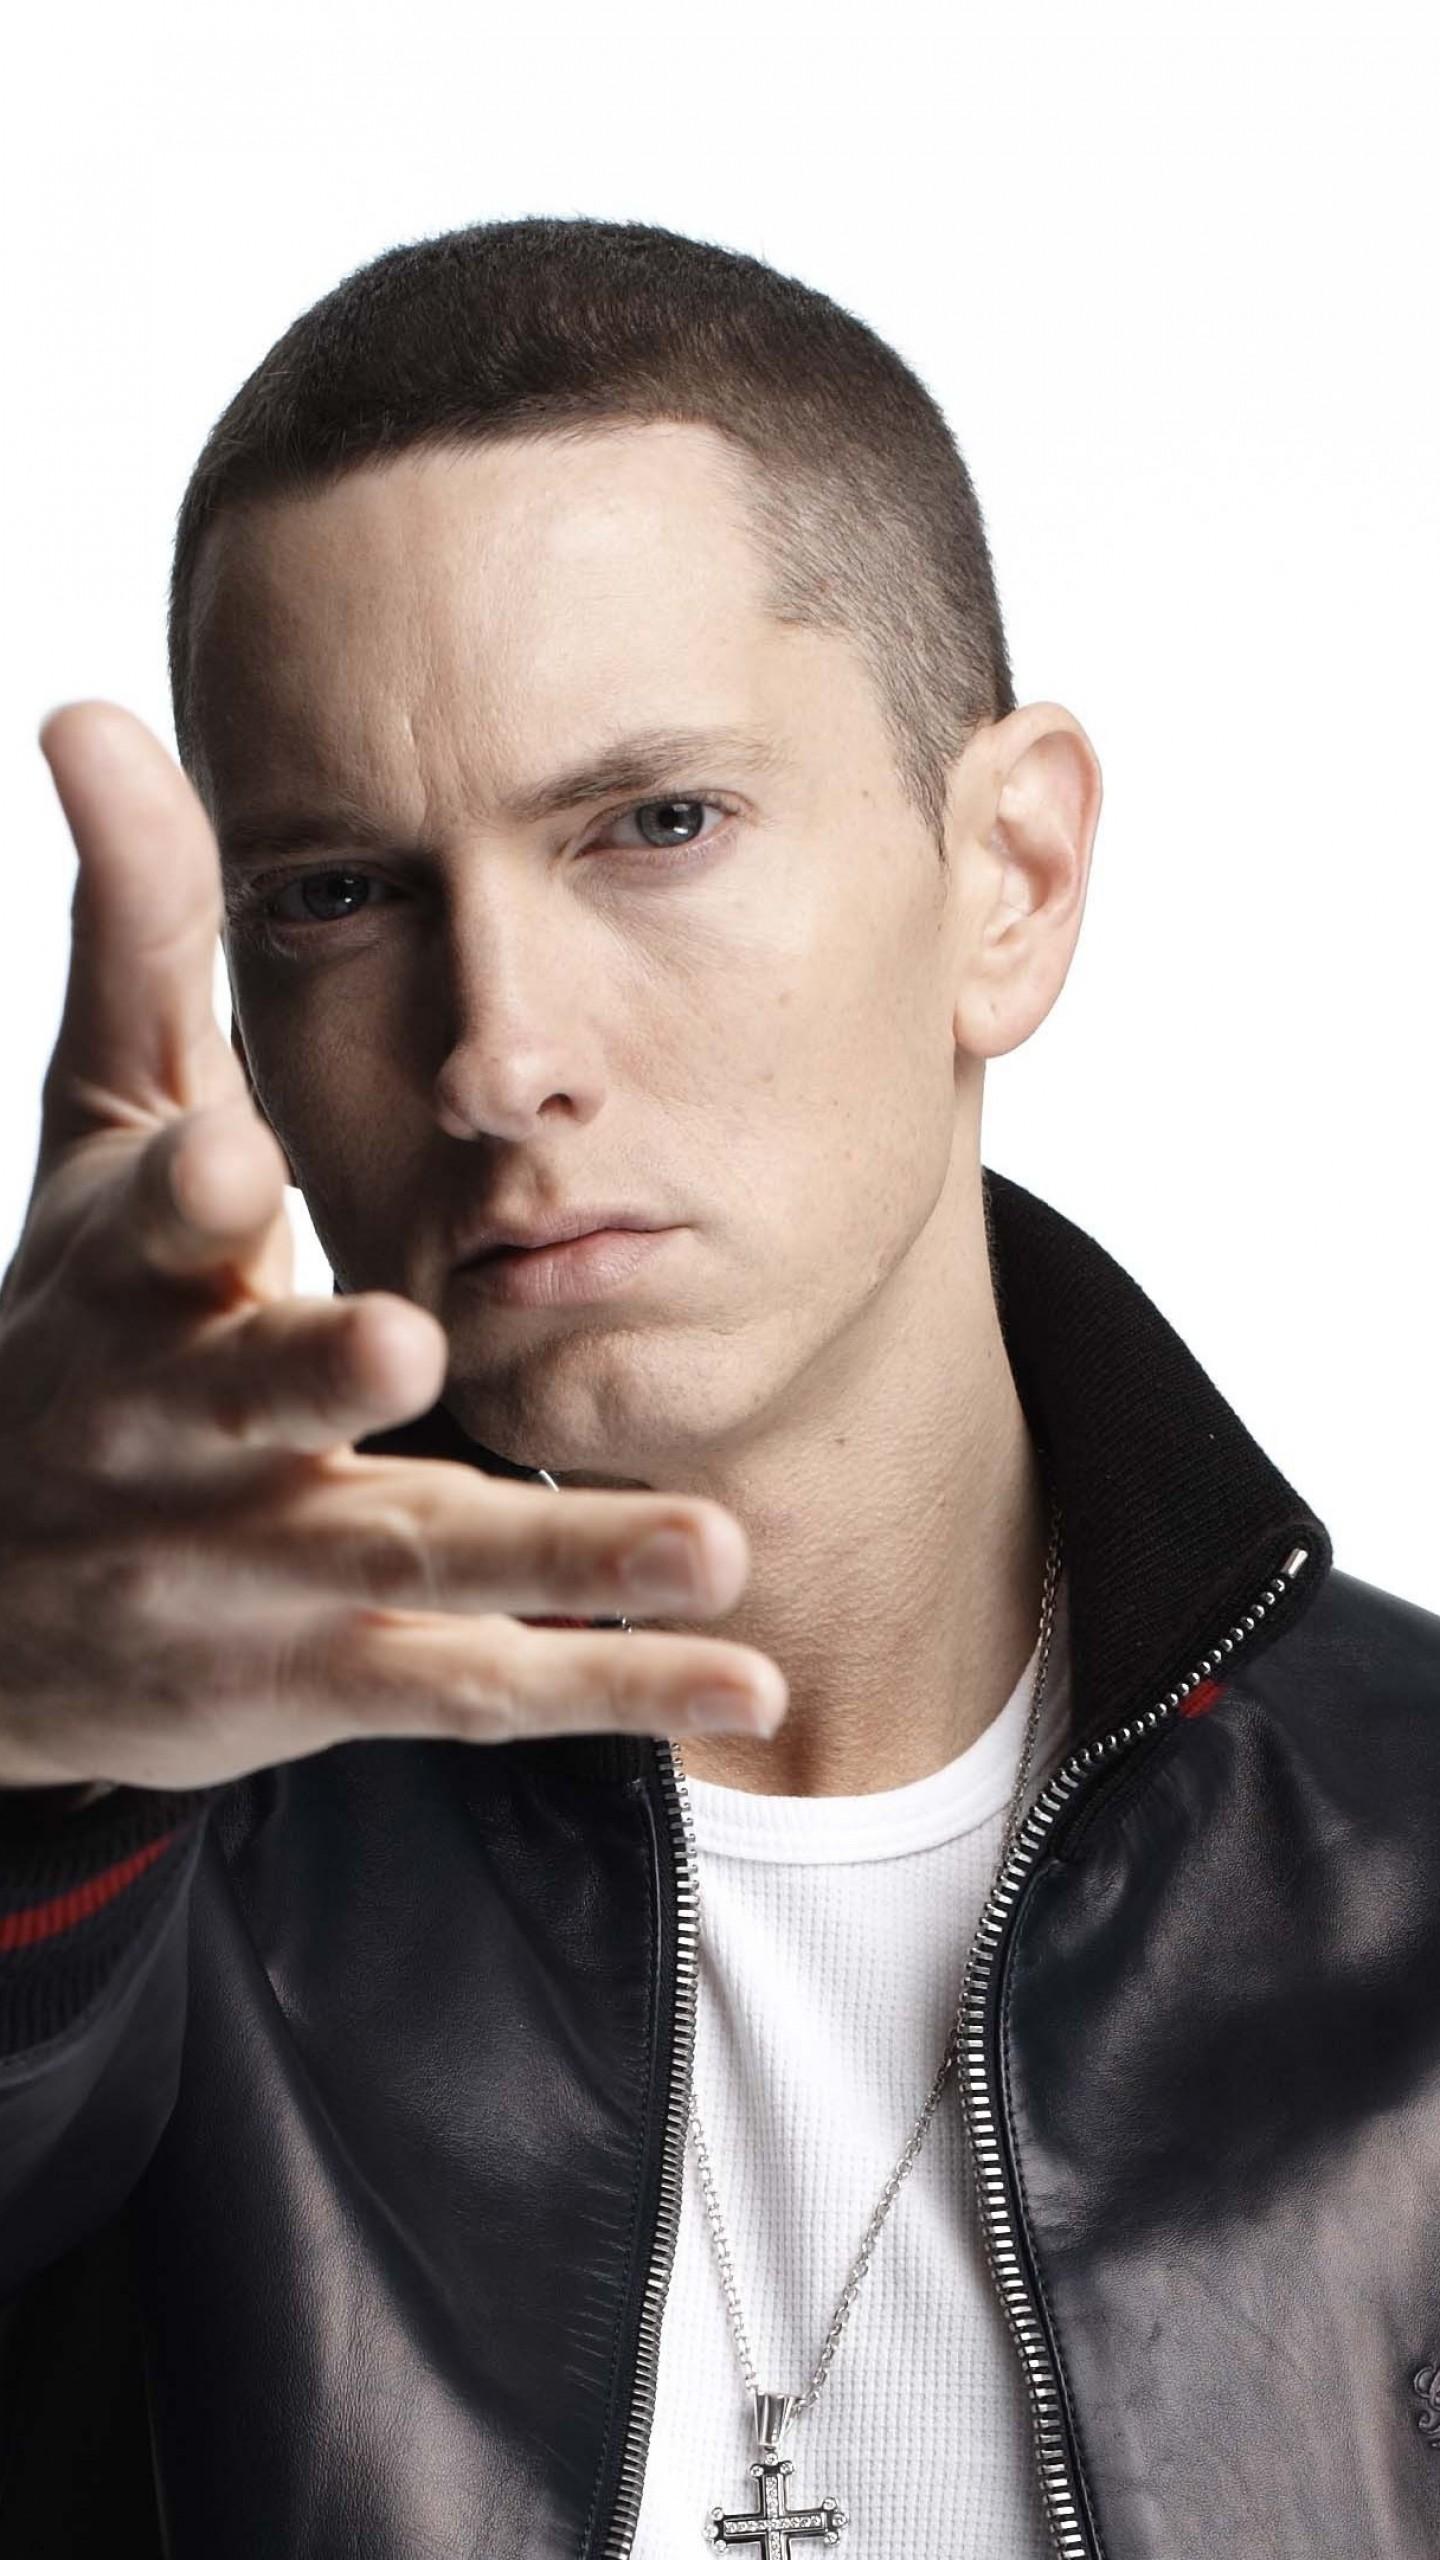 Wallpaper eminem top music artist and bands rapper - Wallpaper artist music ...